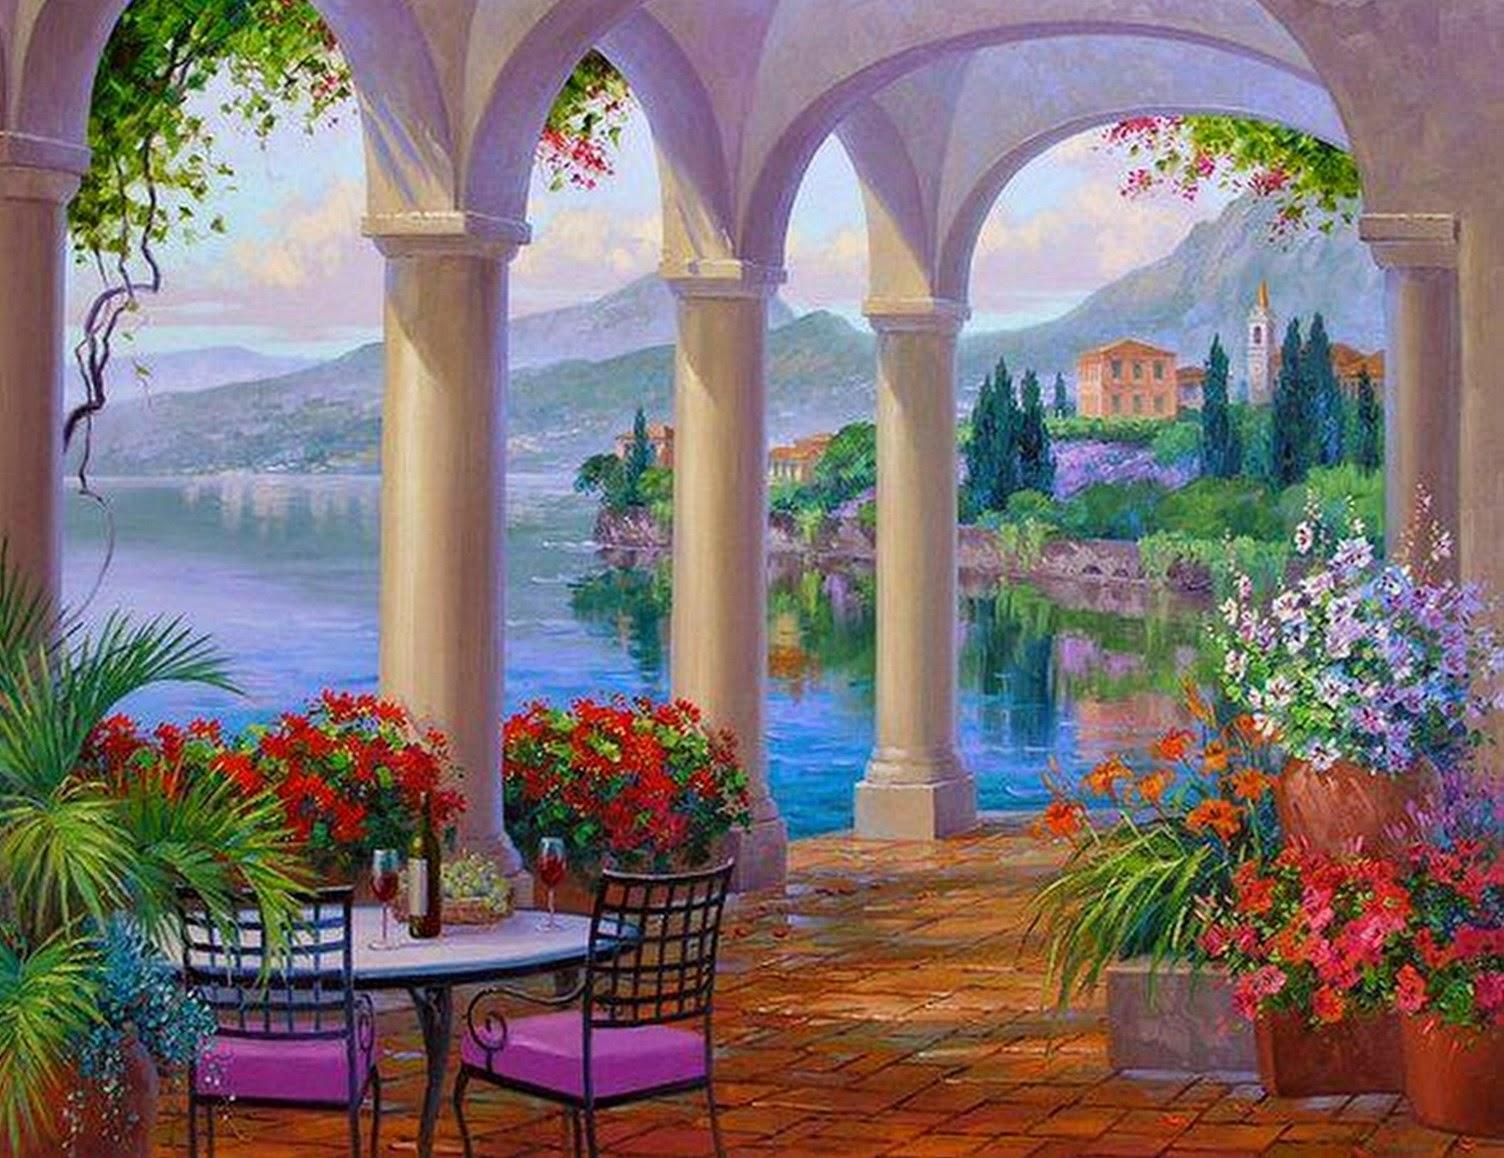 paisajes-y-flores-pintados-con-espátula